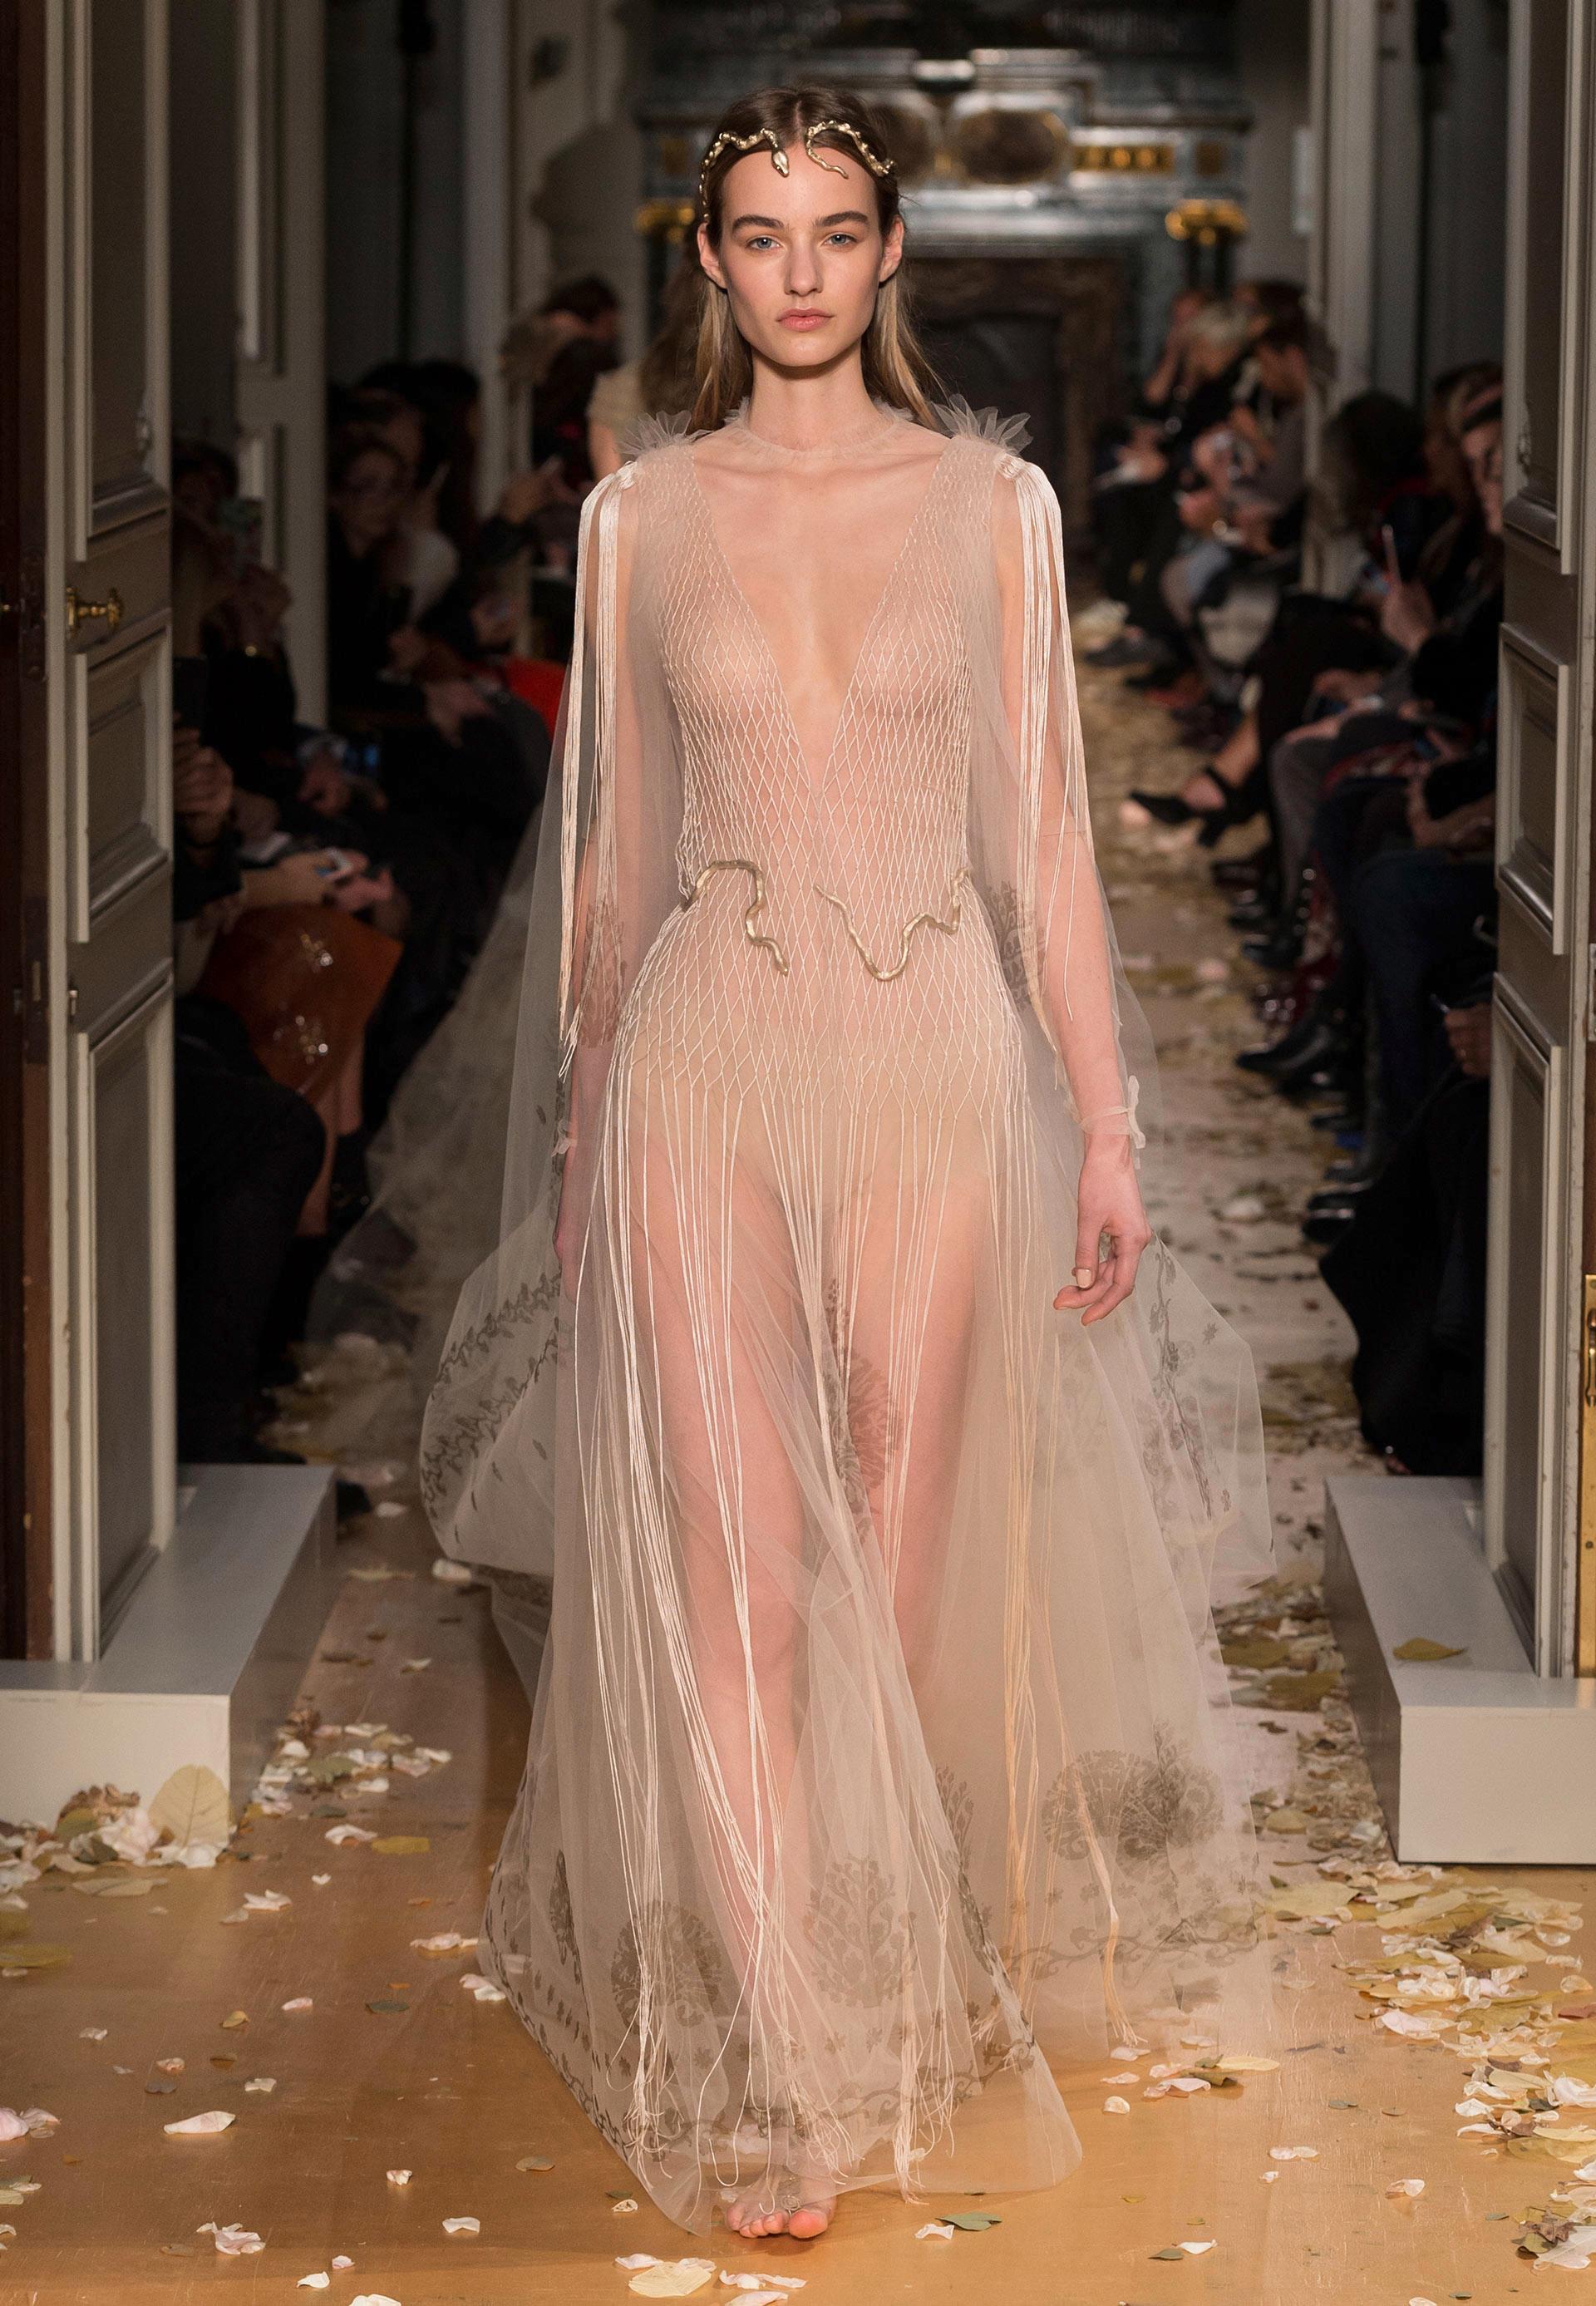 Valentino-Couture-Silhouette-59